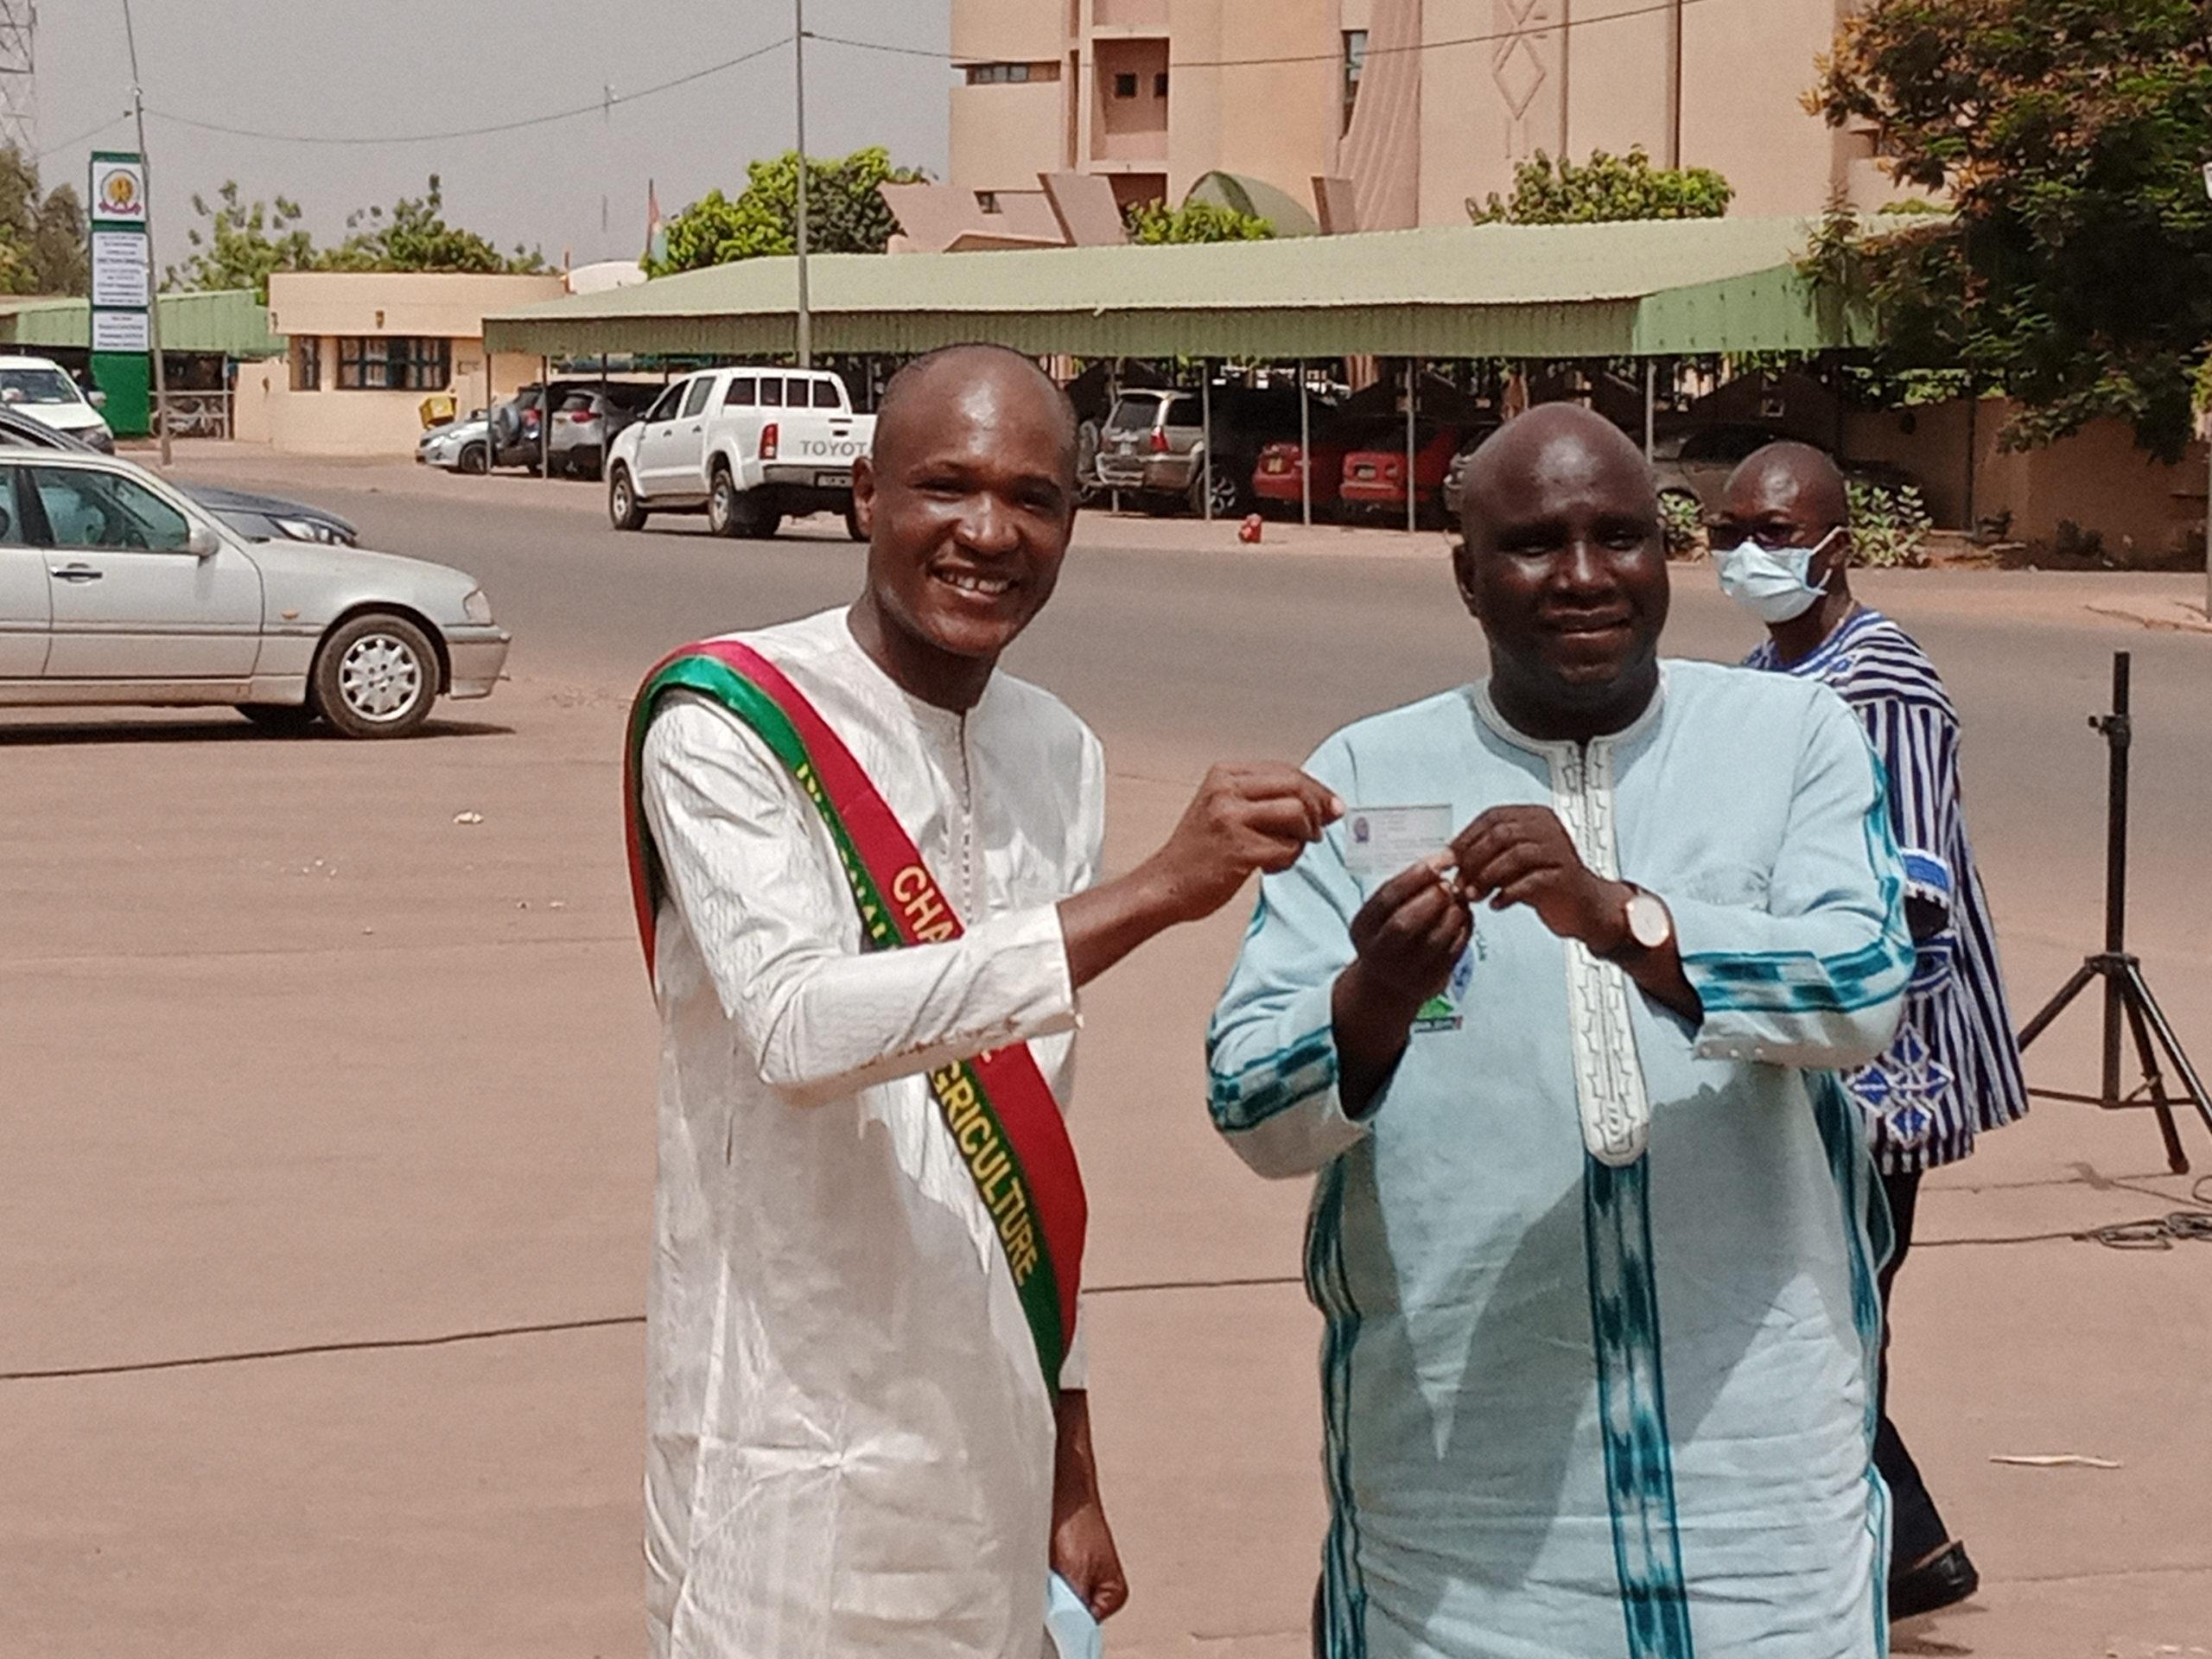 Enfin, le métier d'agriculteur officiellement reconnu au Burkina Faso